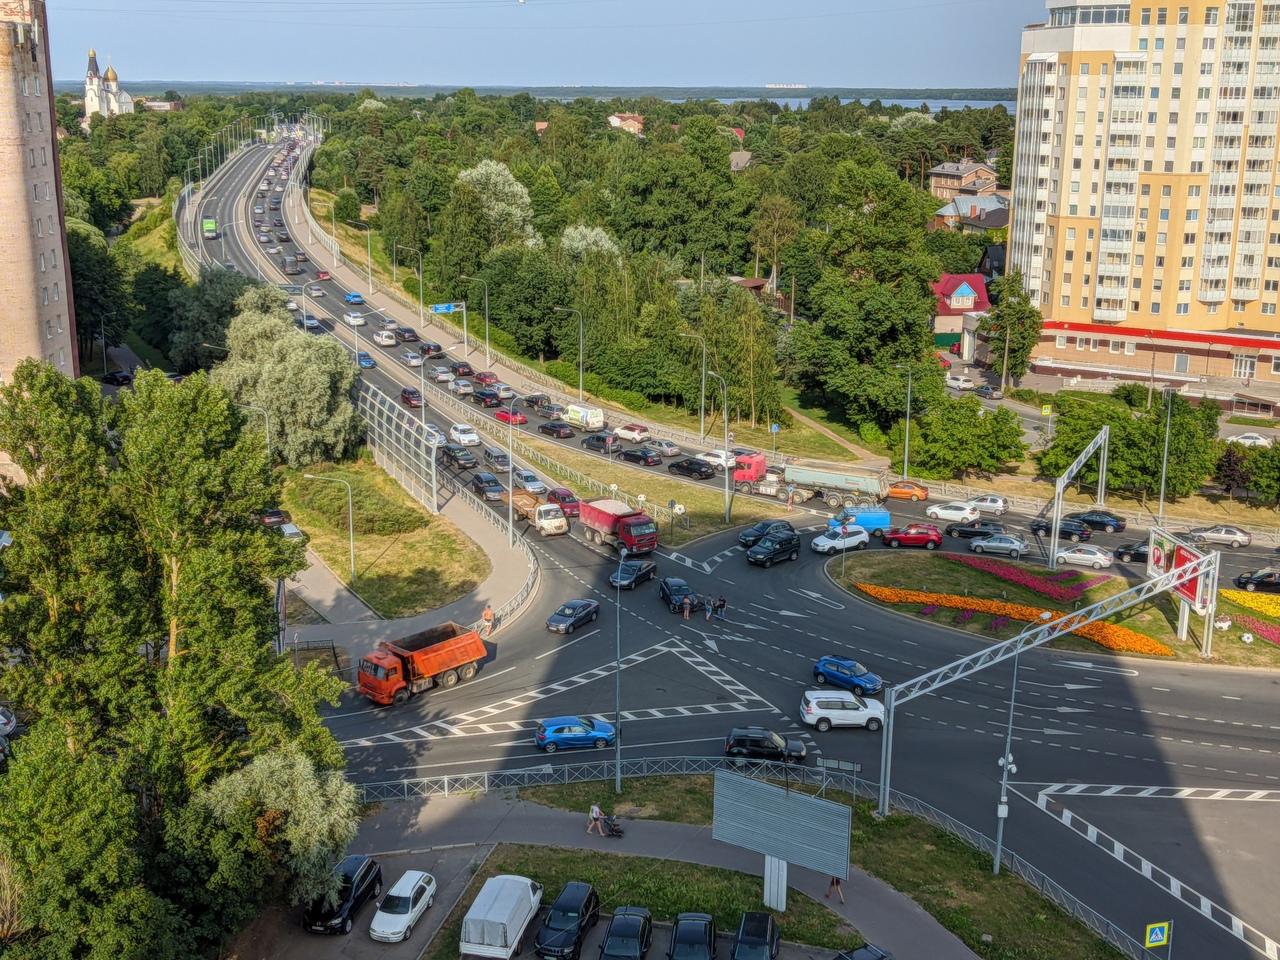 В Сестрорецке оторвали бампер при неудачном перестроении, В сторону города тоже намечается пробища....